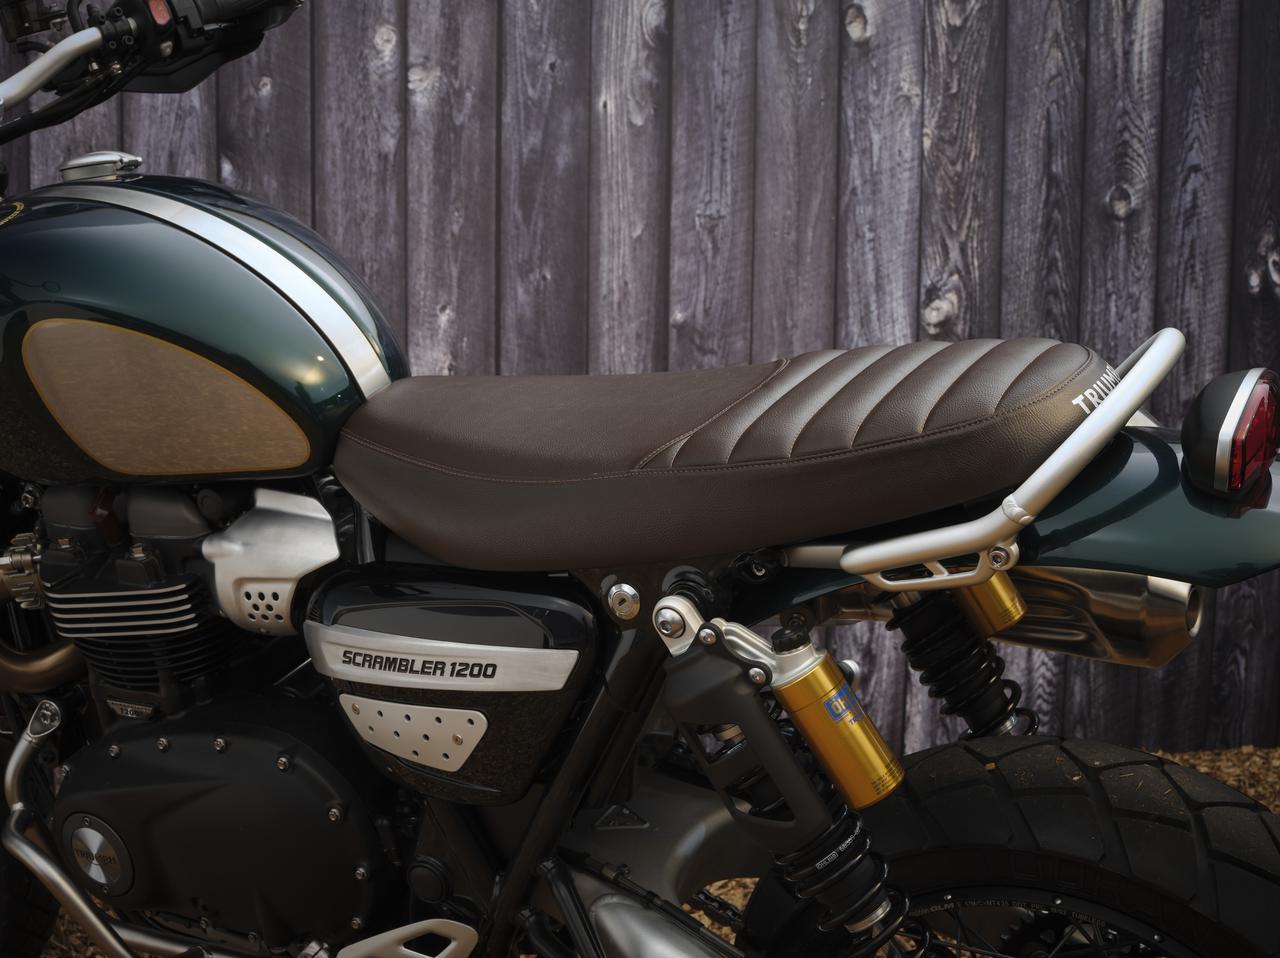 画像6: トライアンフ「スクランブラー1200 スティーブ・マックイーン エディション」の特徴